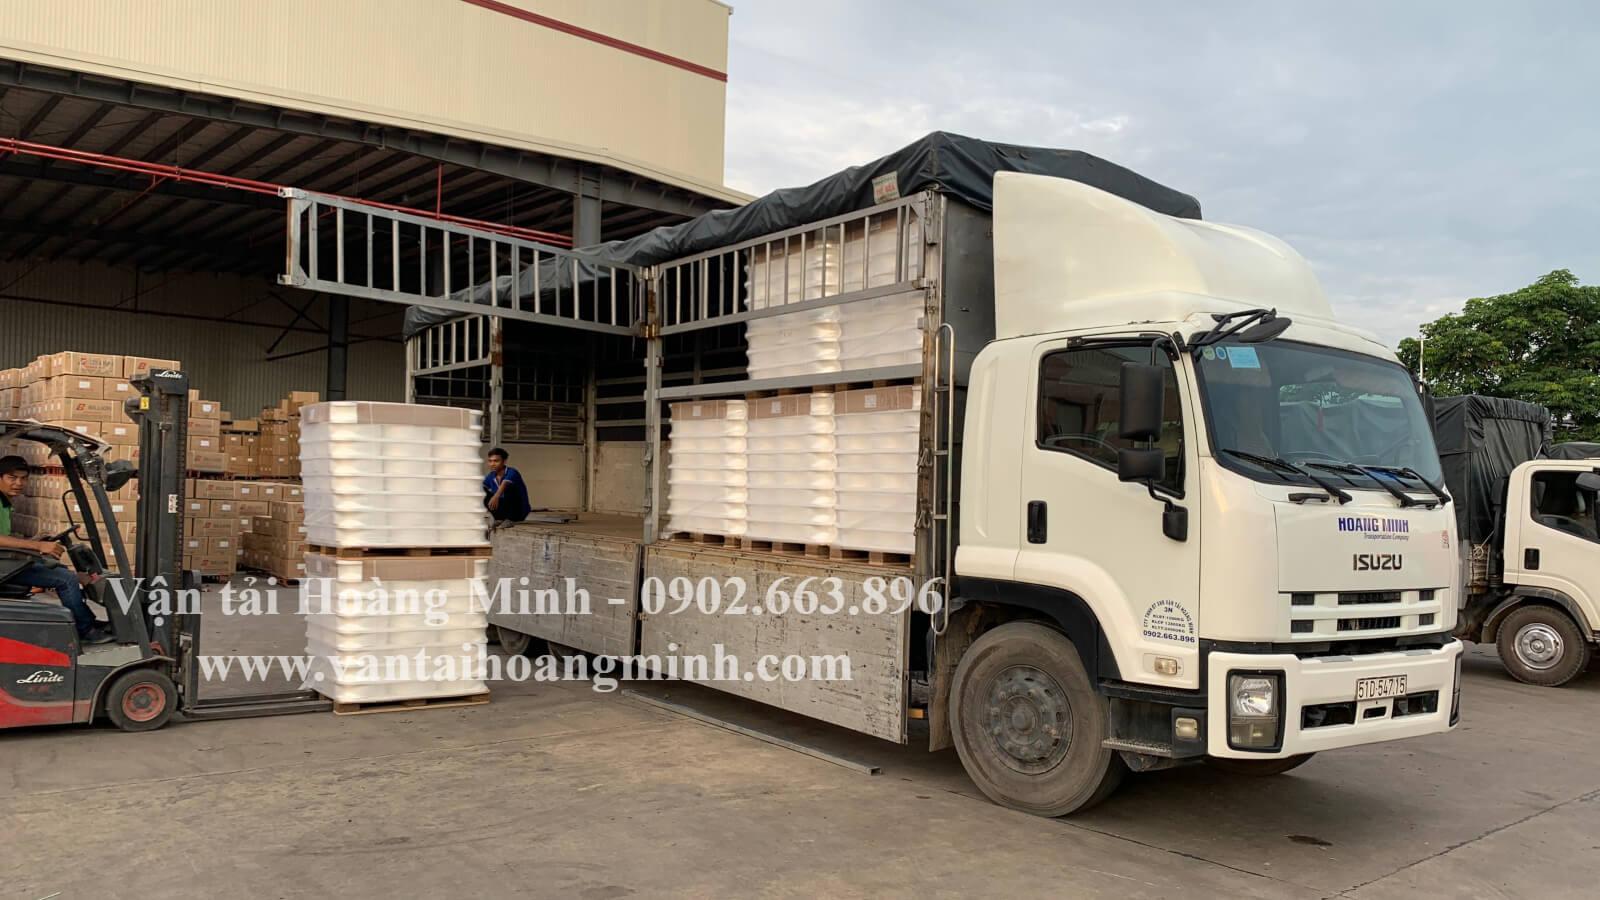 Cho thuê xe tải giá rẻ long an